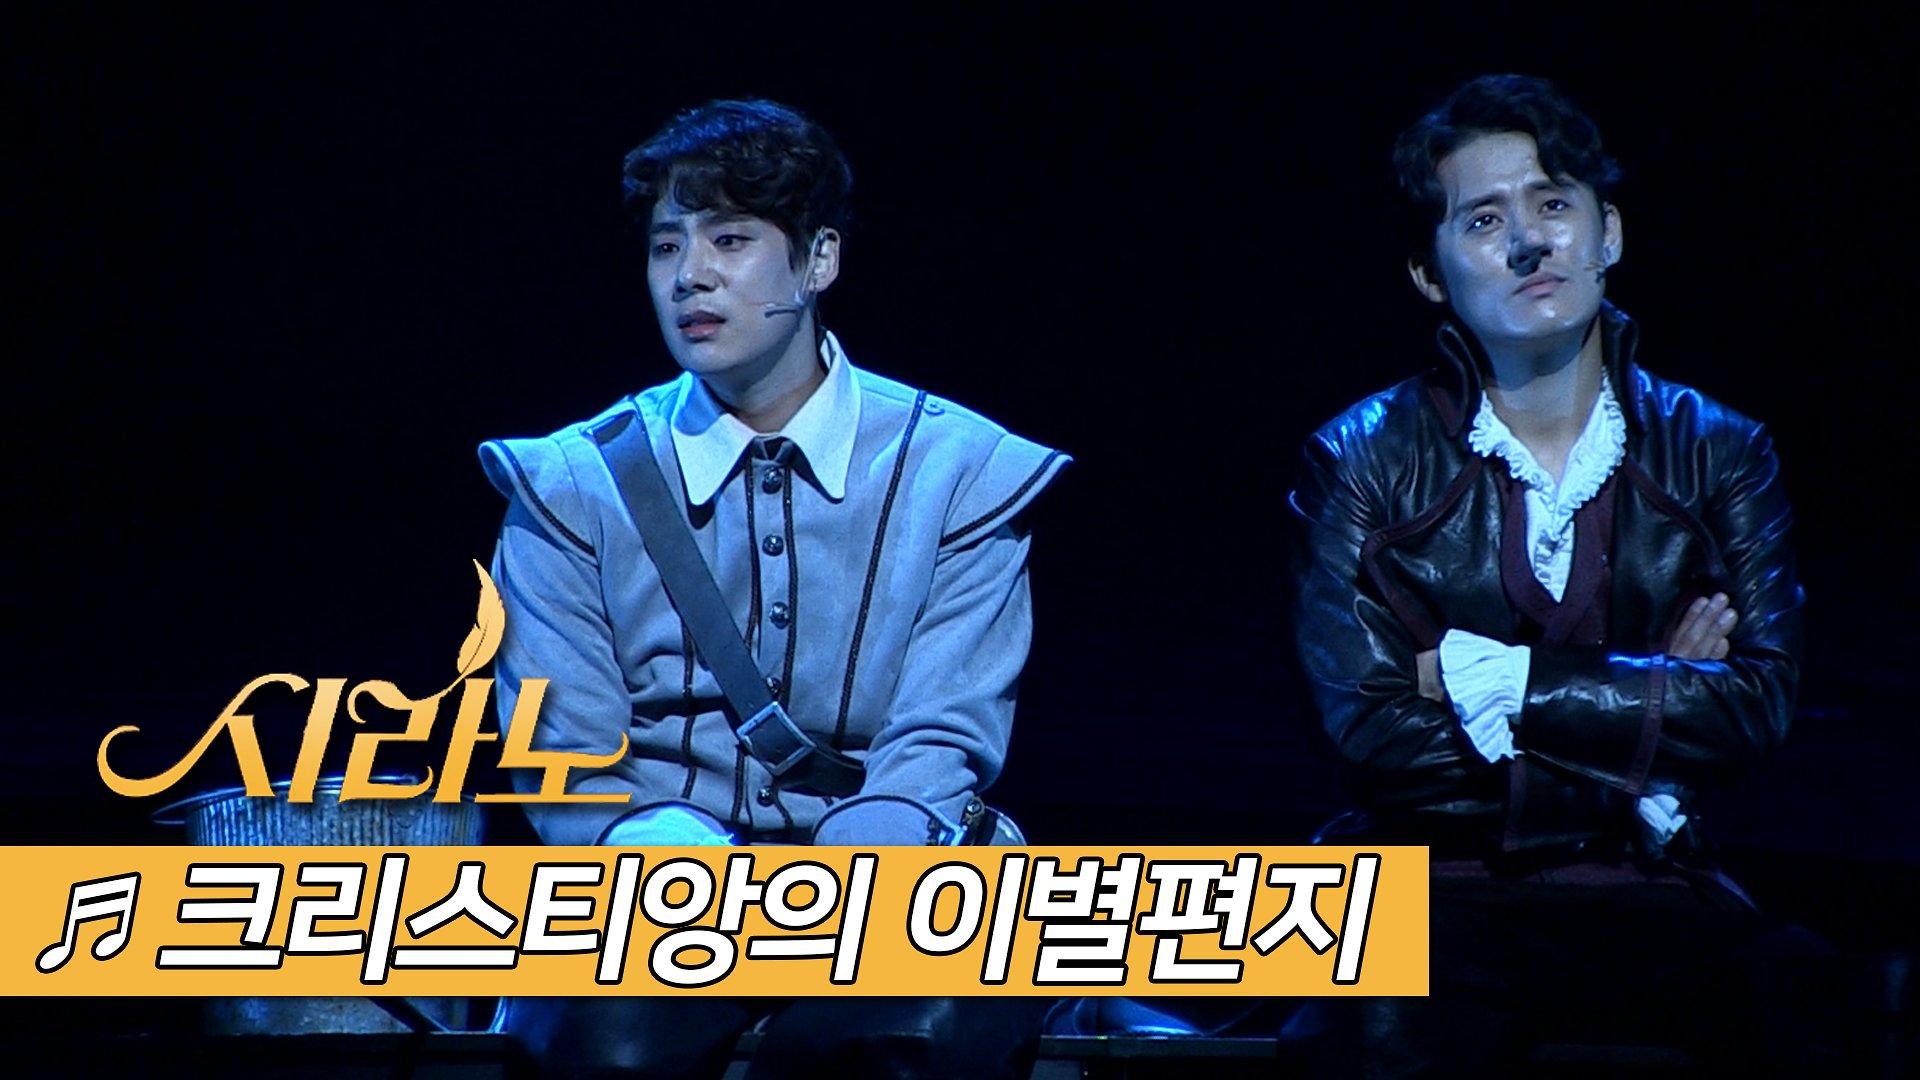 뮤지컬 '시라노' 2019 프레스콜 '크리스티앙의 이별편지' - 최재웅, 송원근